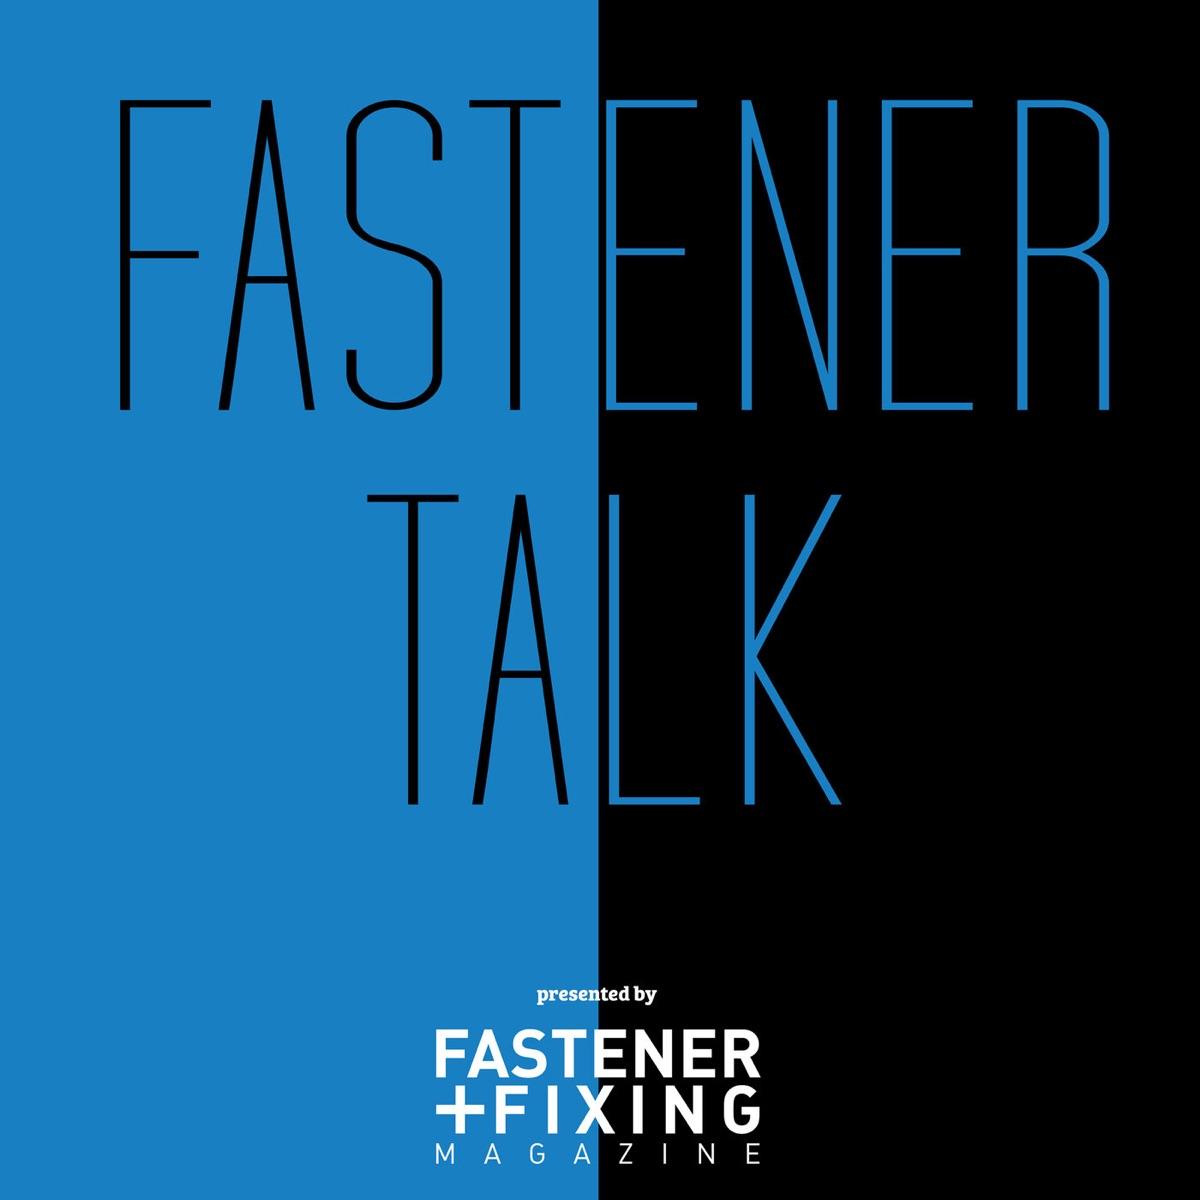 Fastener Talk